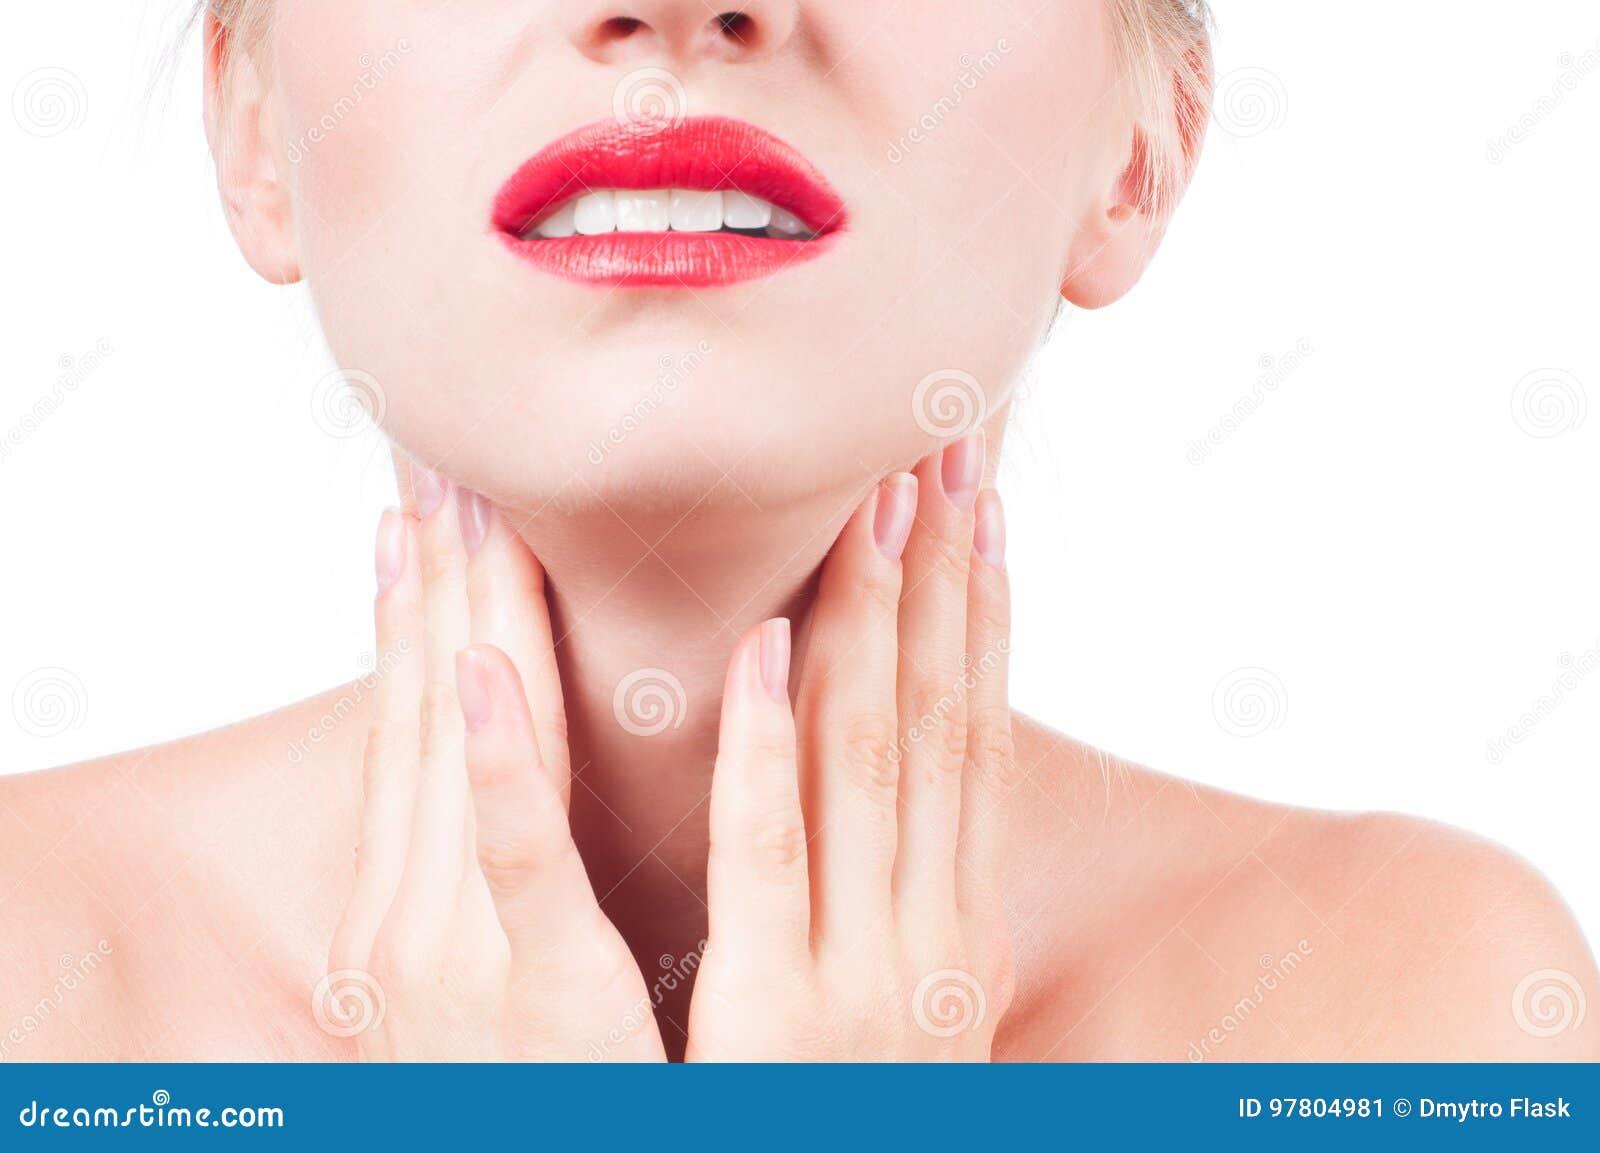 Η νέα γυναίκα έχει τον επώδυνο λαιμό σχετικά με το λαιμό